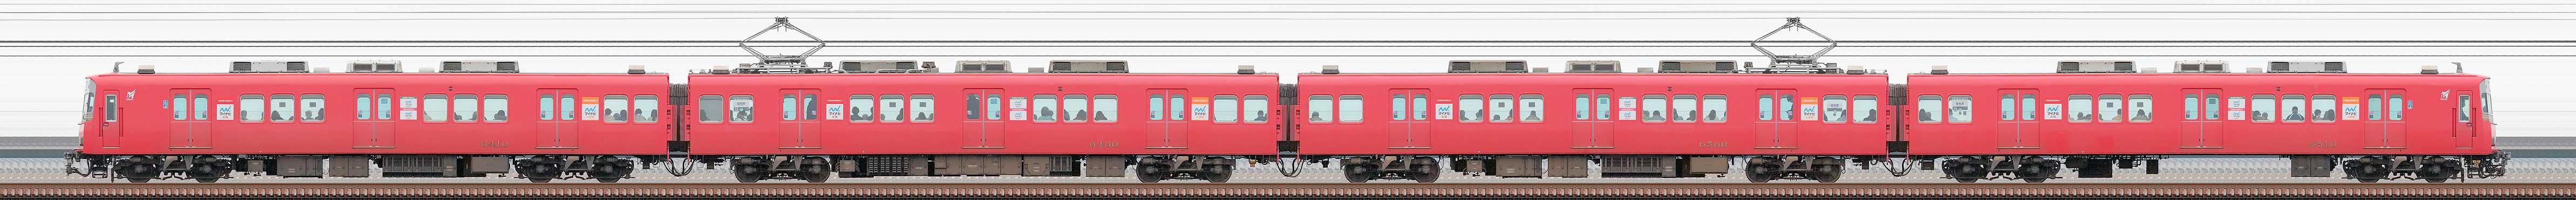 名鉄6500系(3次車)6510編成(山側)の編成サイドビュー